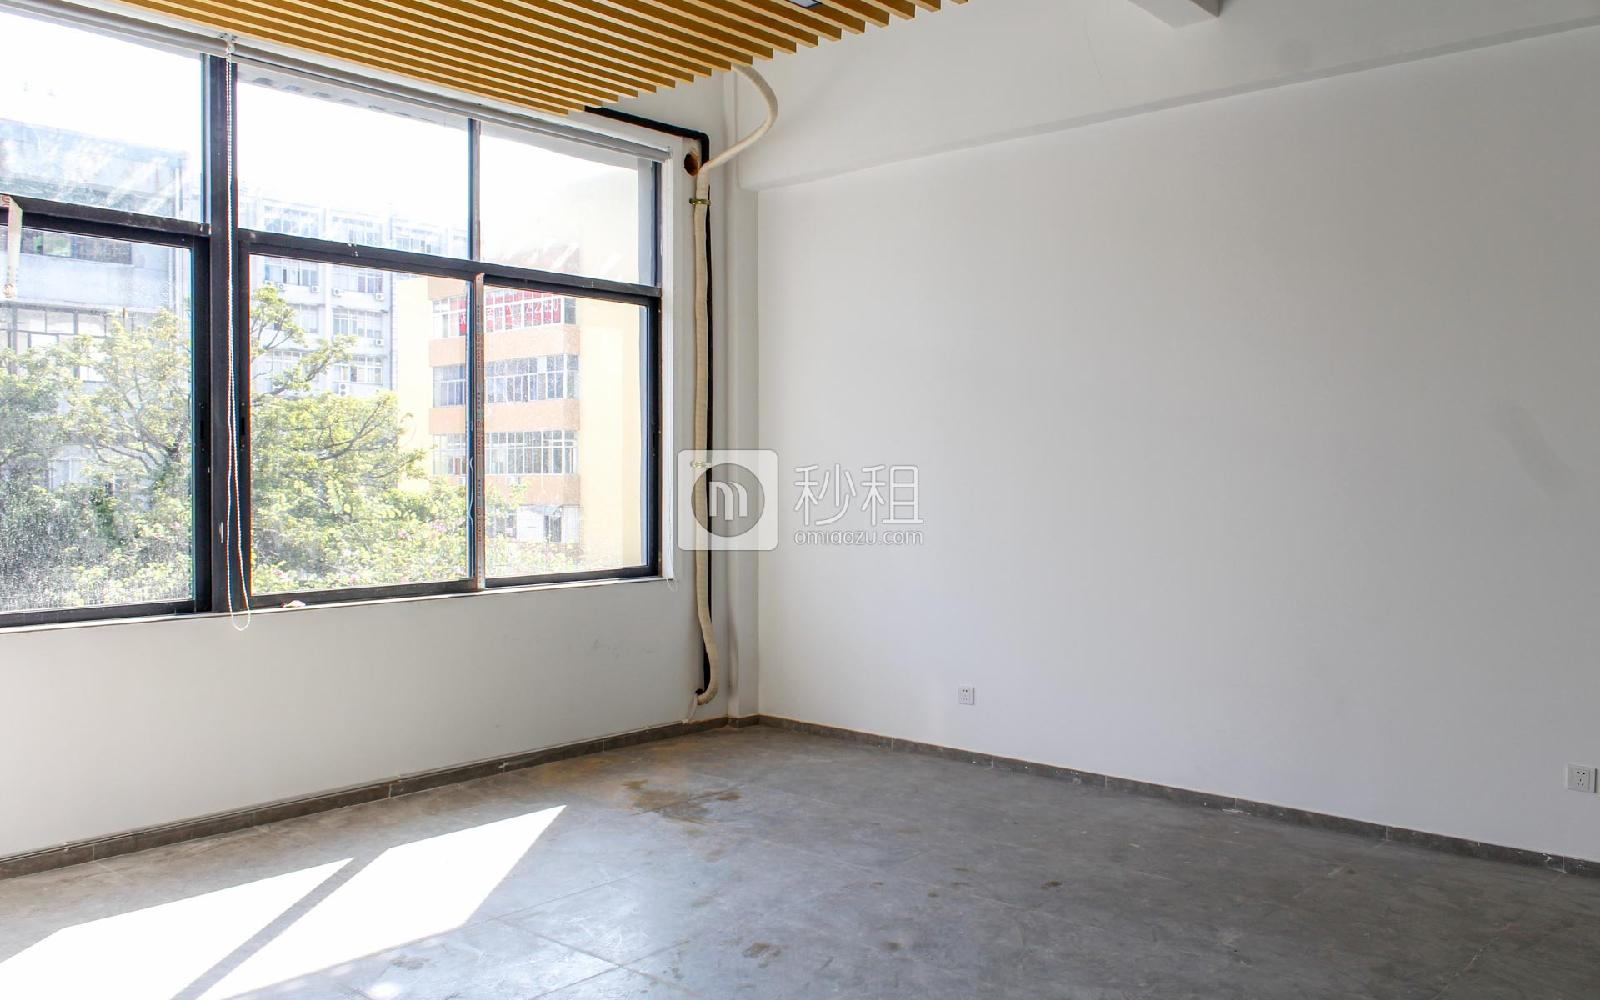 八卦岭工业区-星云众创空间写字楼出租29平米精装办公室80元/m².月